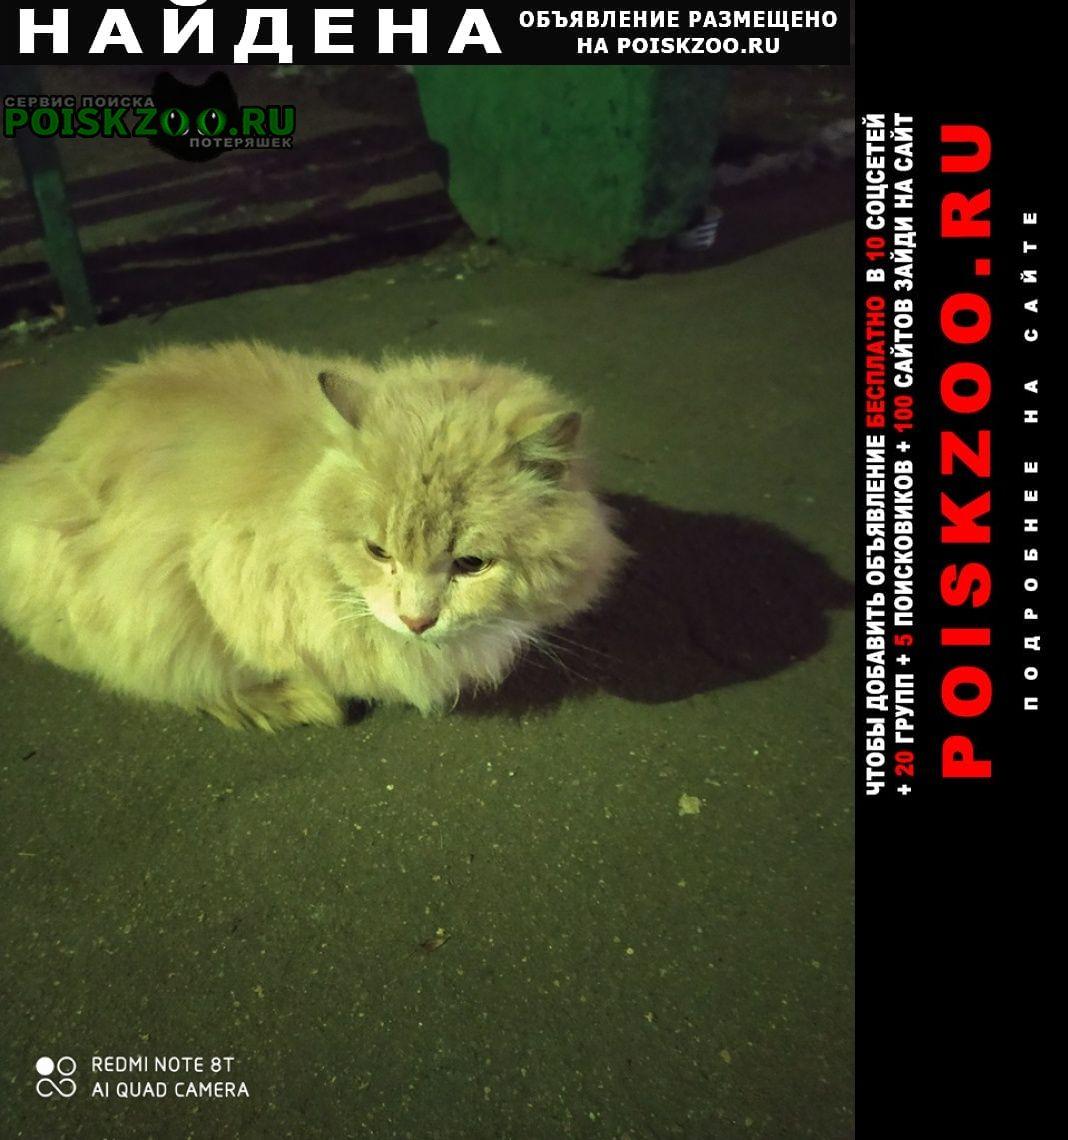 Найдена кошка -кот Москва